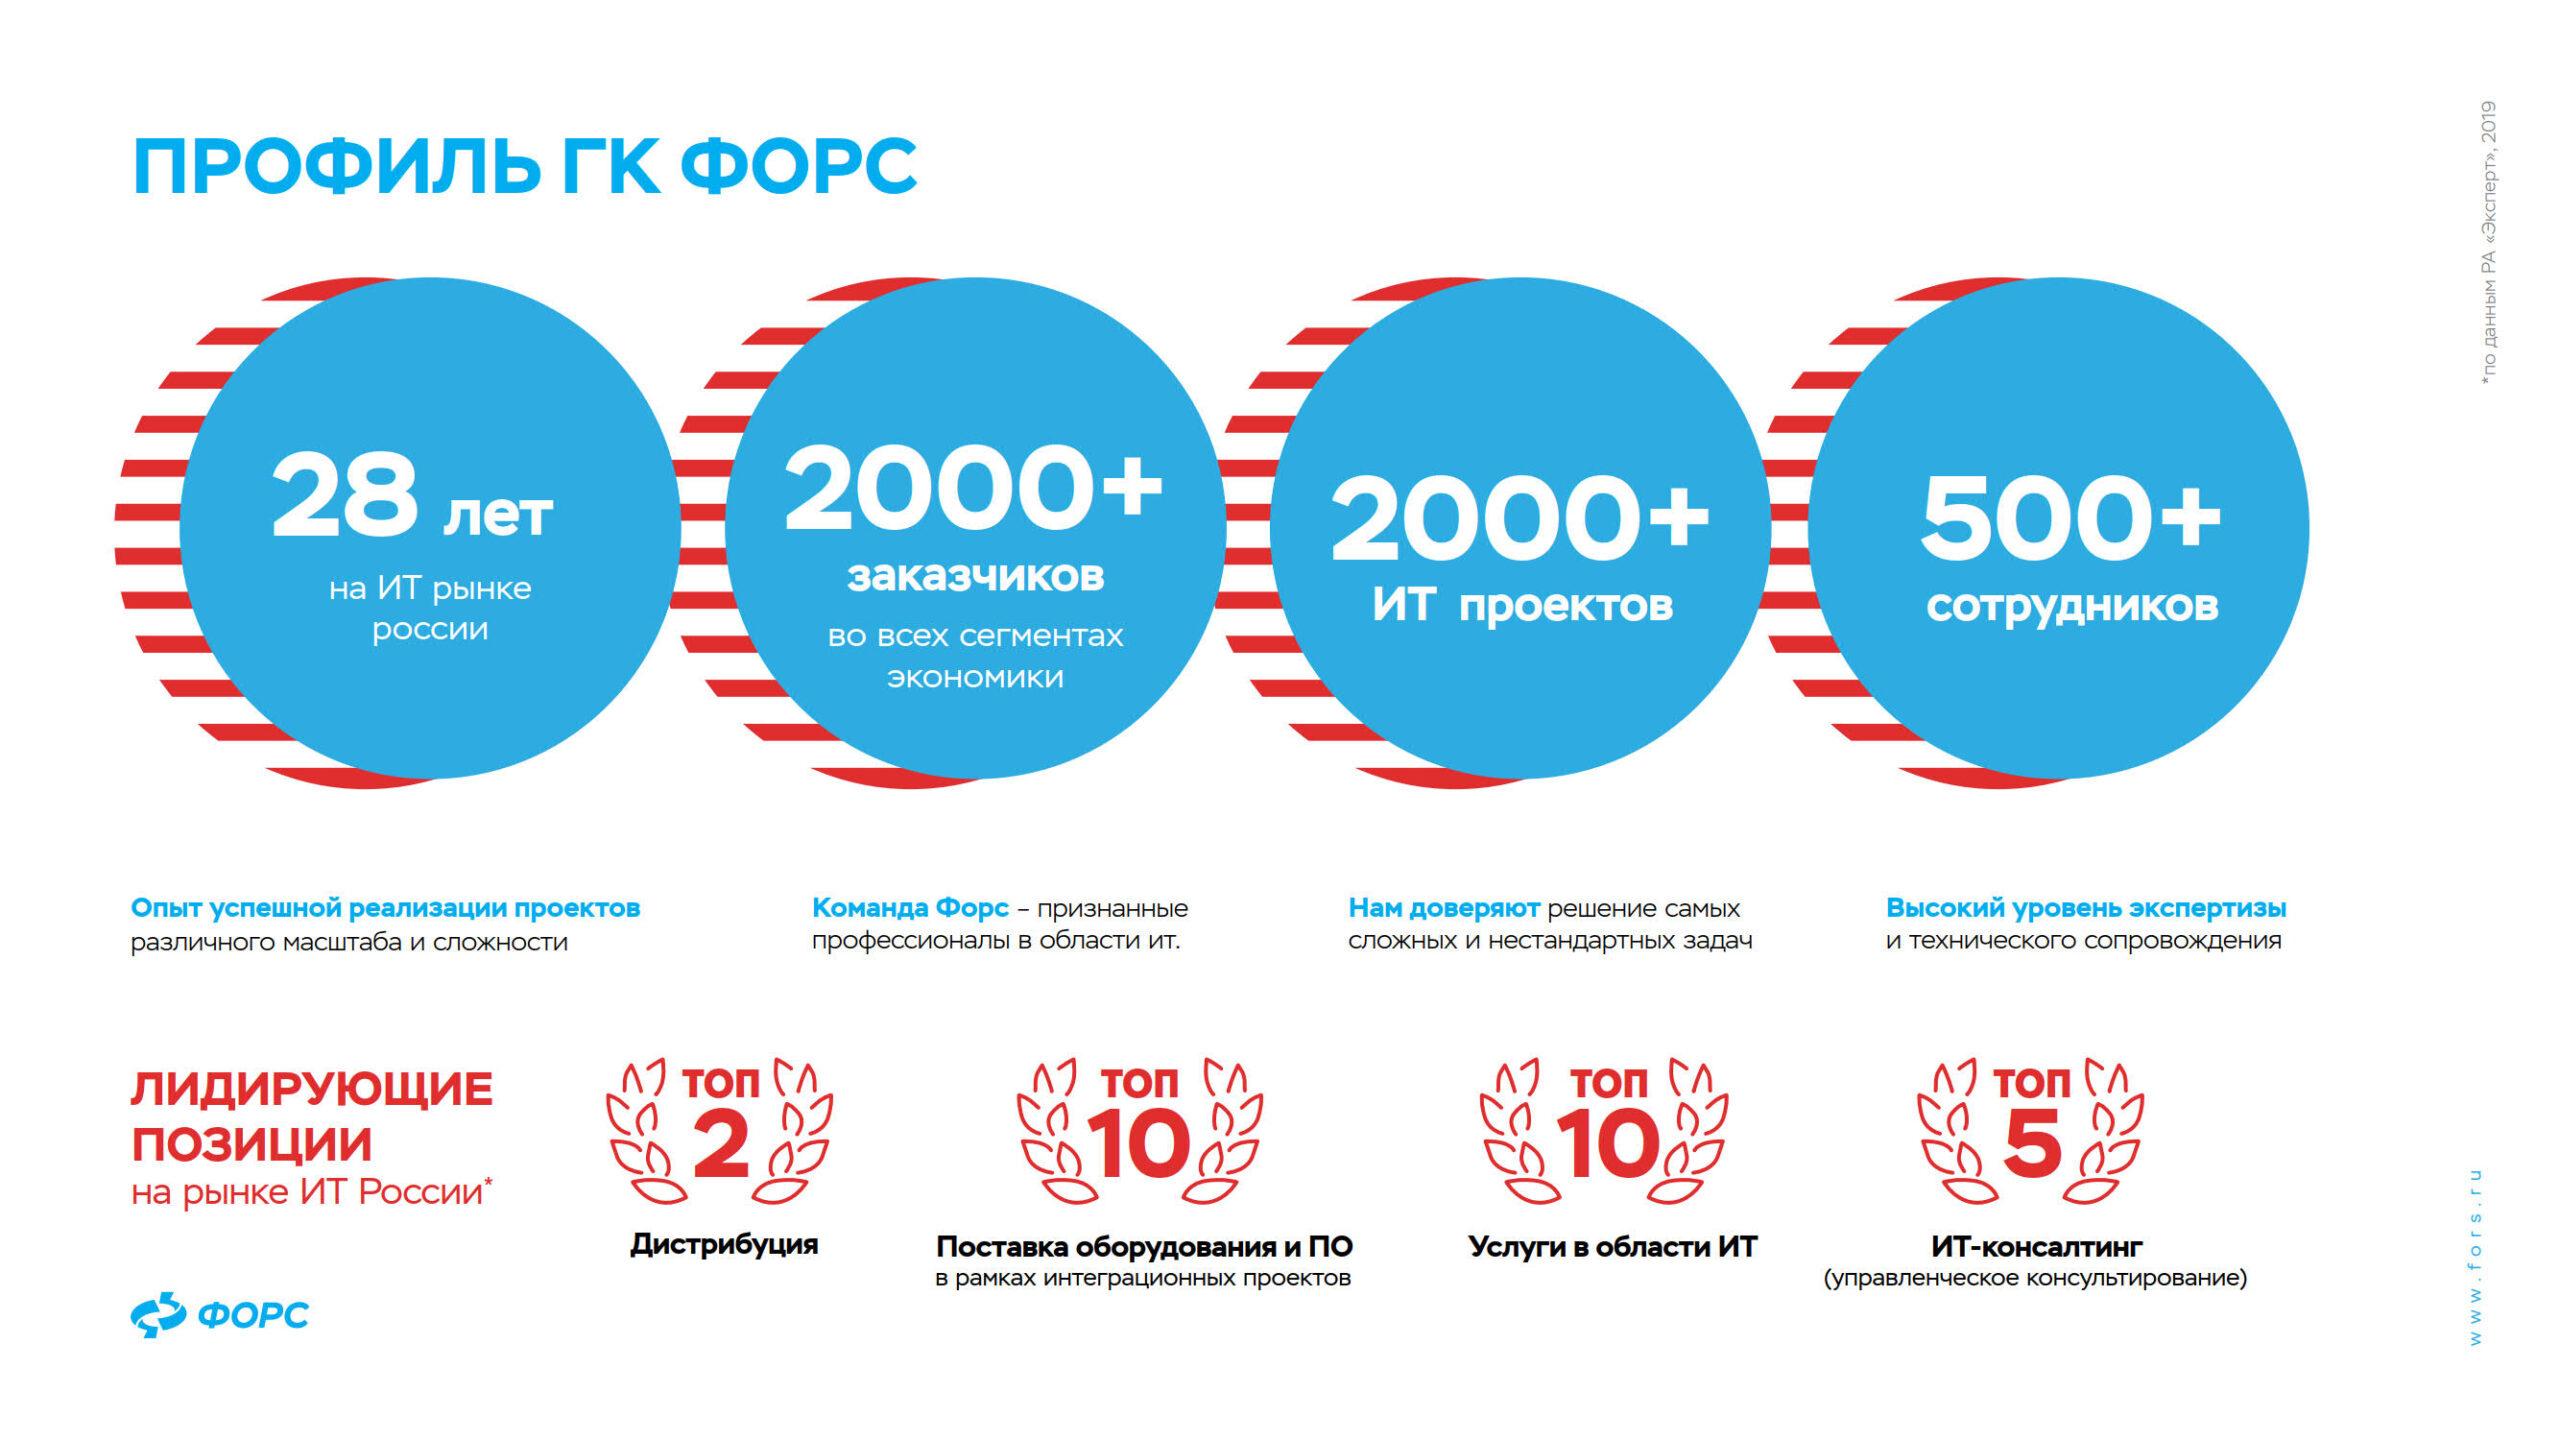 prezentacziya-produktov-dlya-it-infrastruktury-profil-kompanii